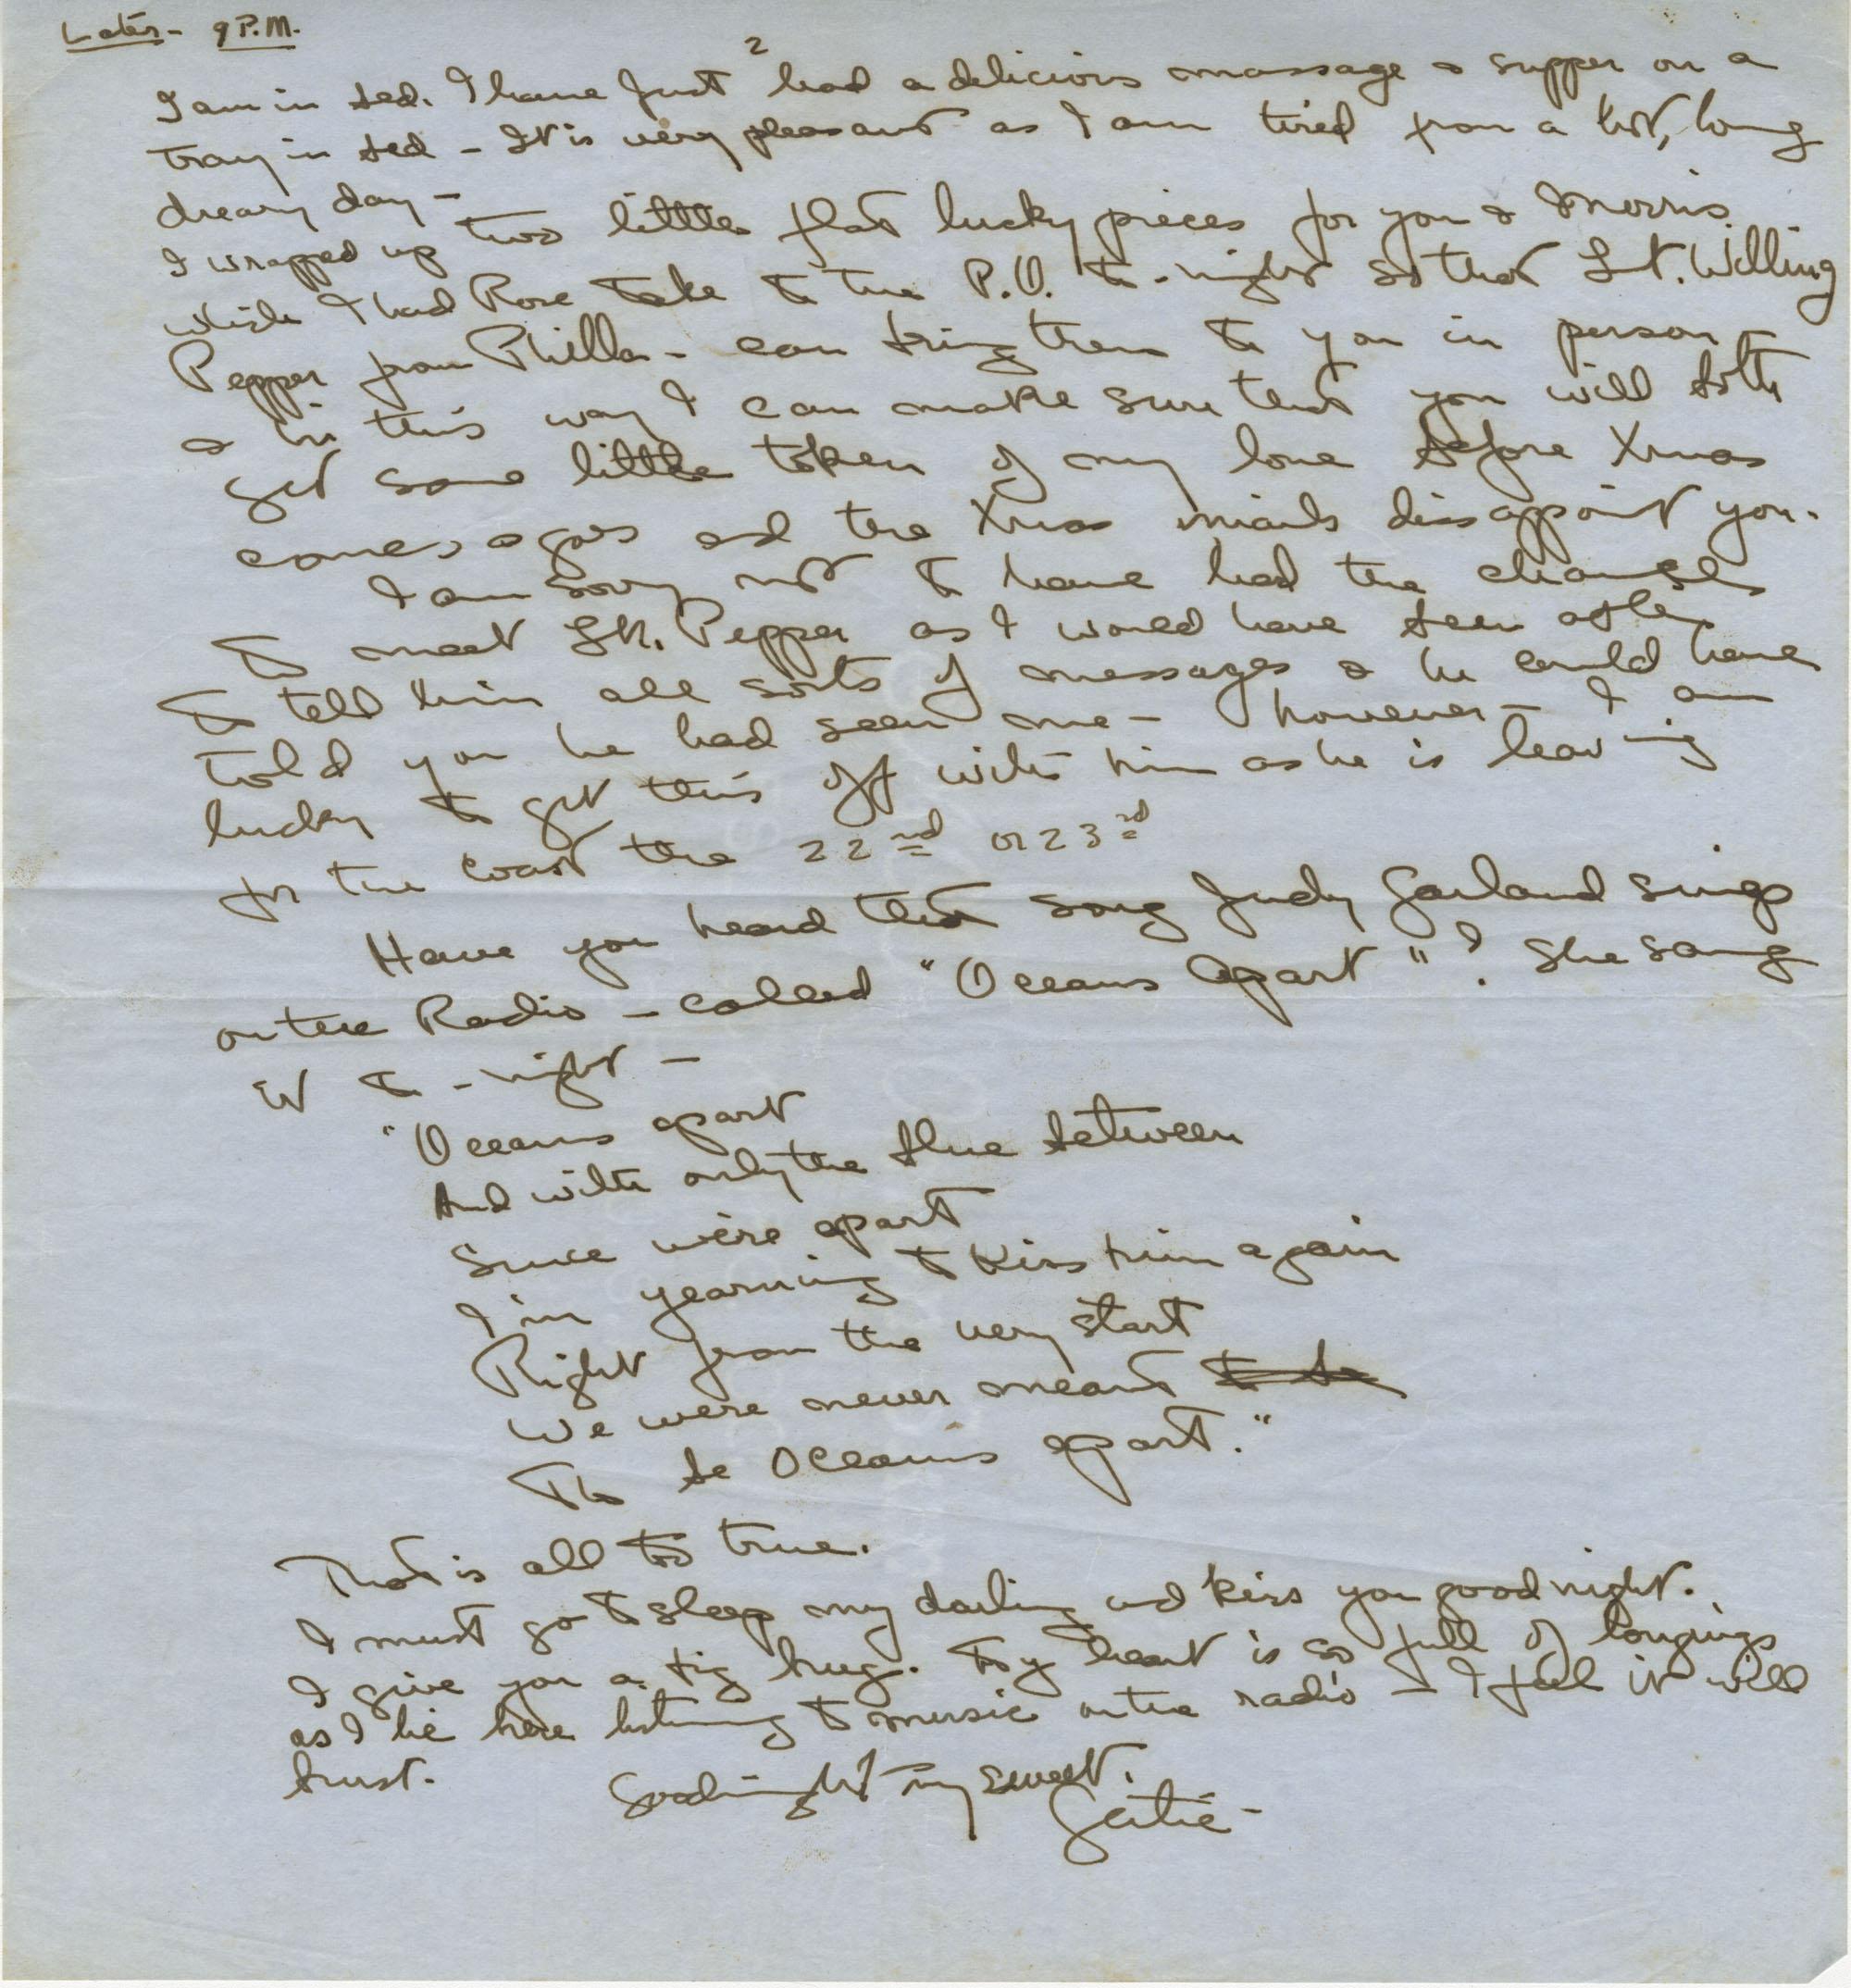 Undated Letter 2 from Gertrude Sanford Legendre